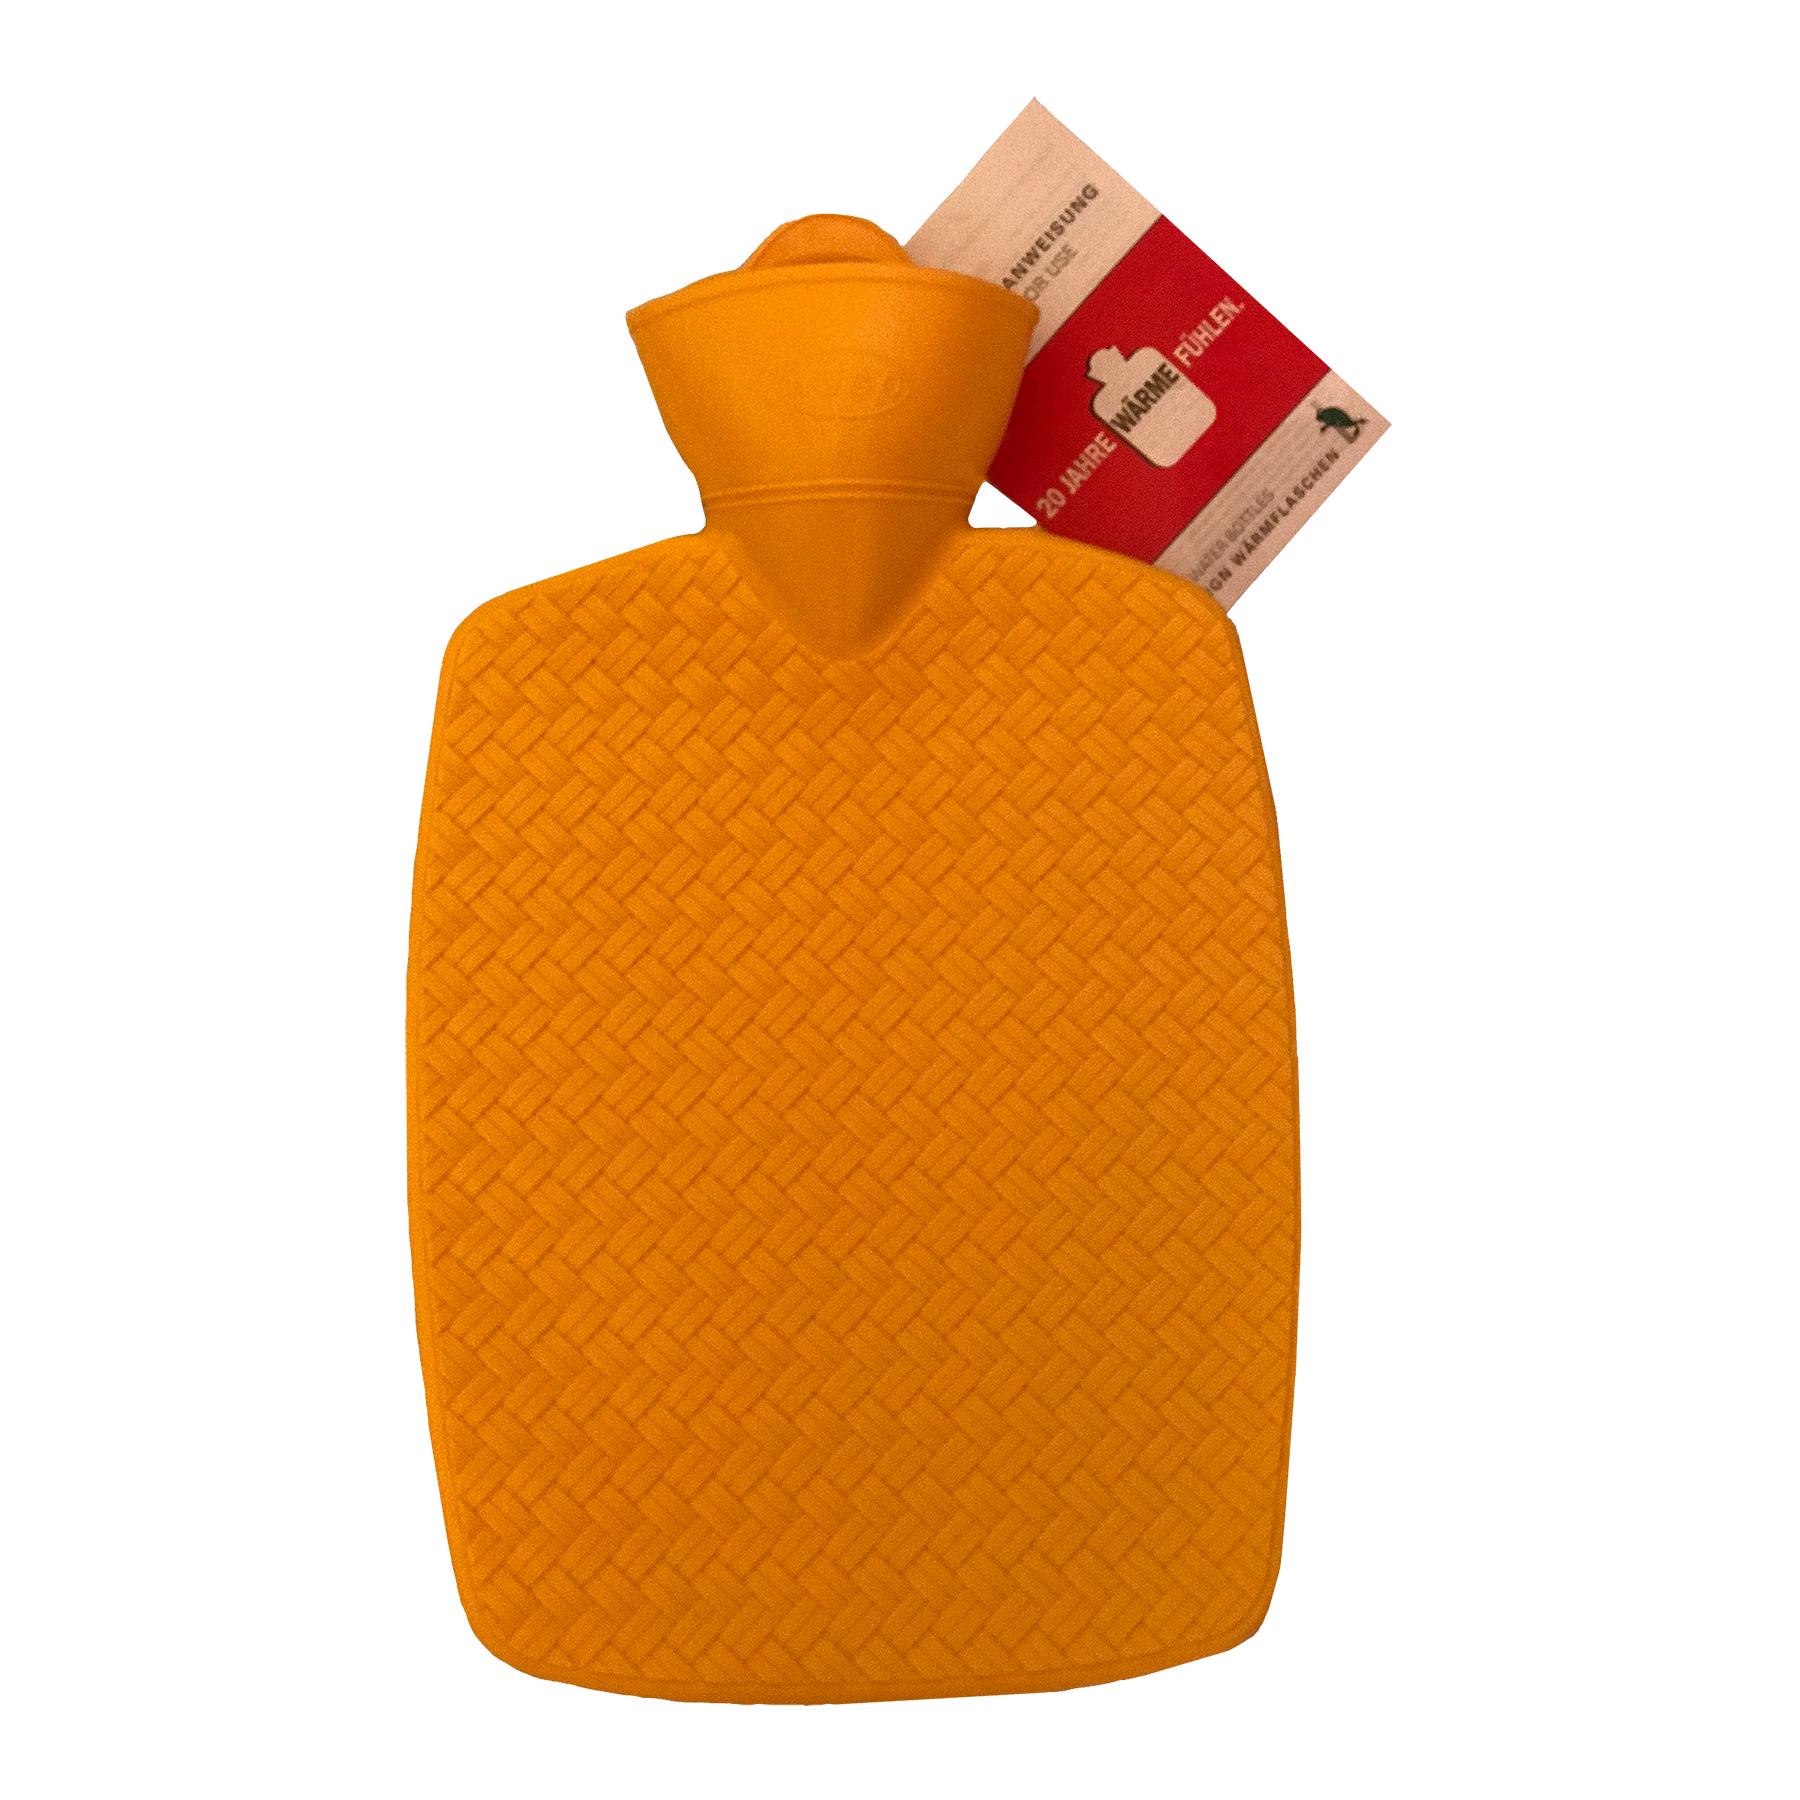 کیسه آب گرم کودک هوگو فروش مدل 0001